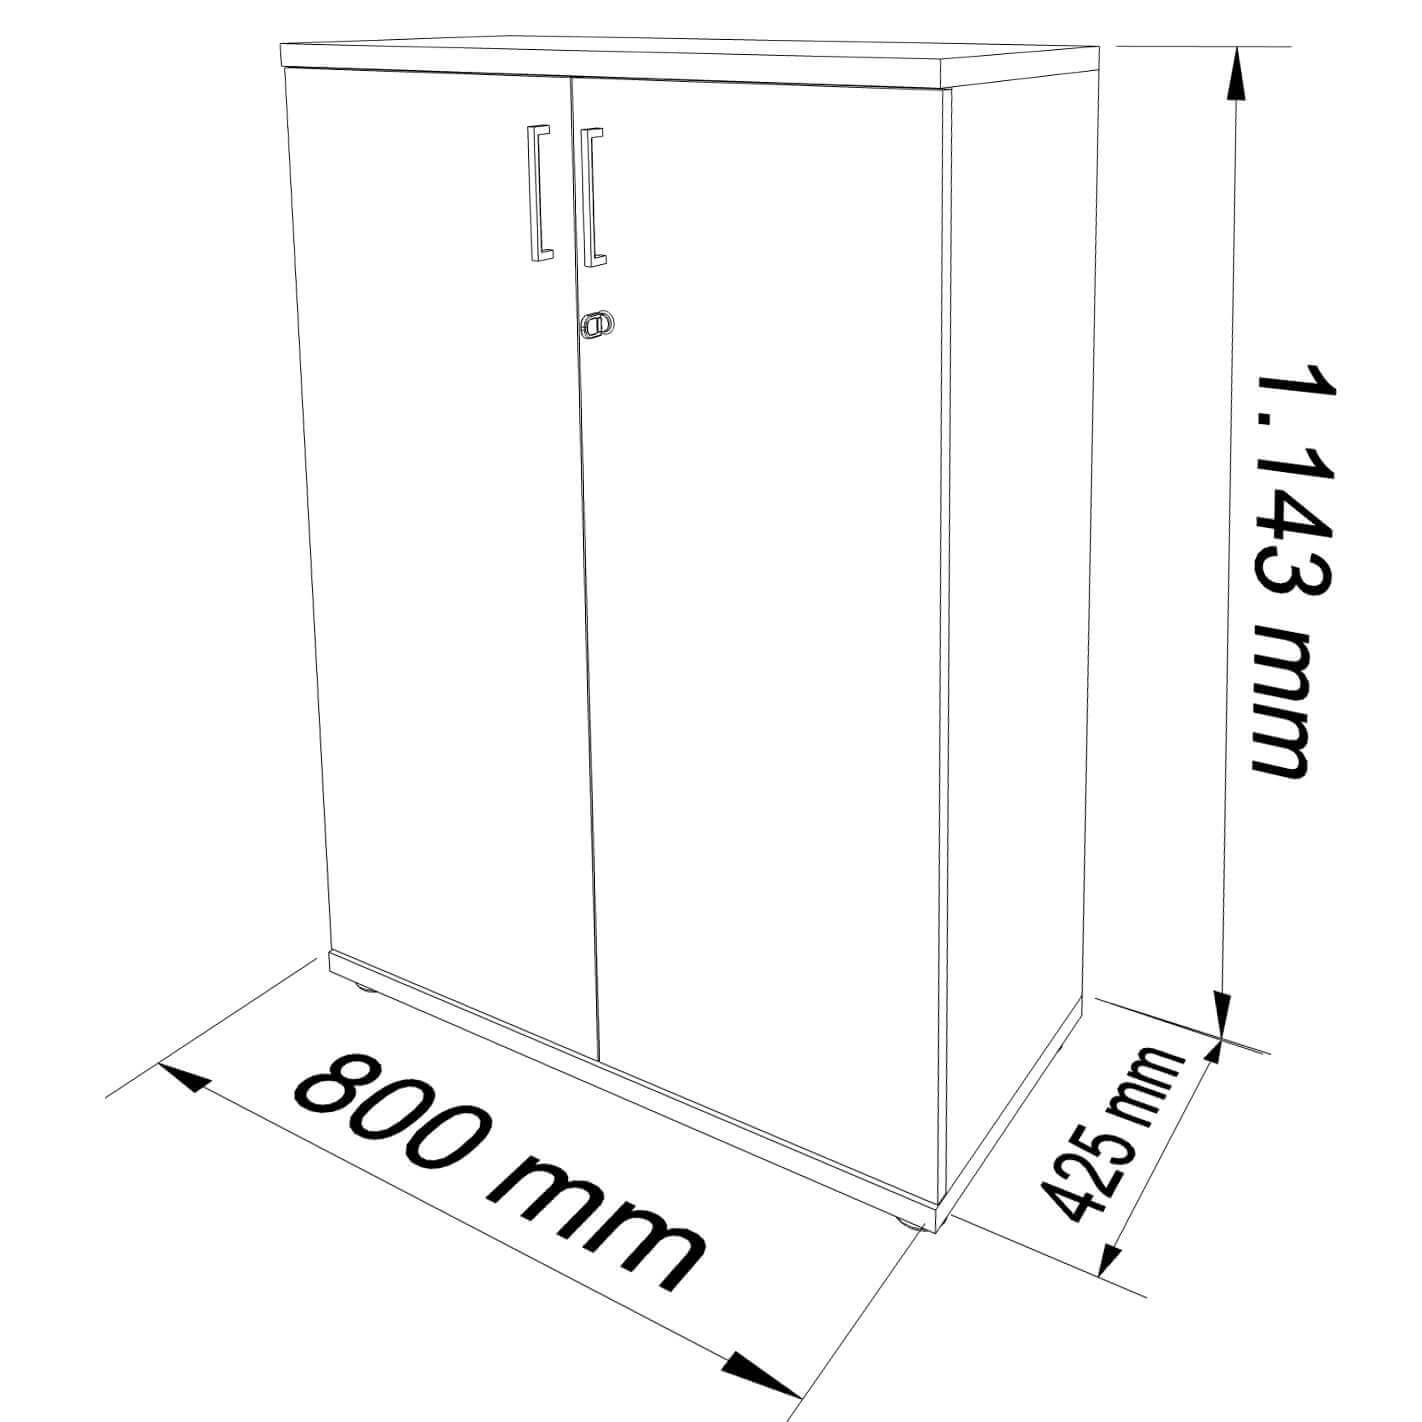 PROFI Aktenschrank abschließbar 3OH Ahorn Schrank Büroschrank Flügeltürenschrank